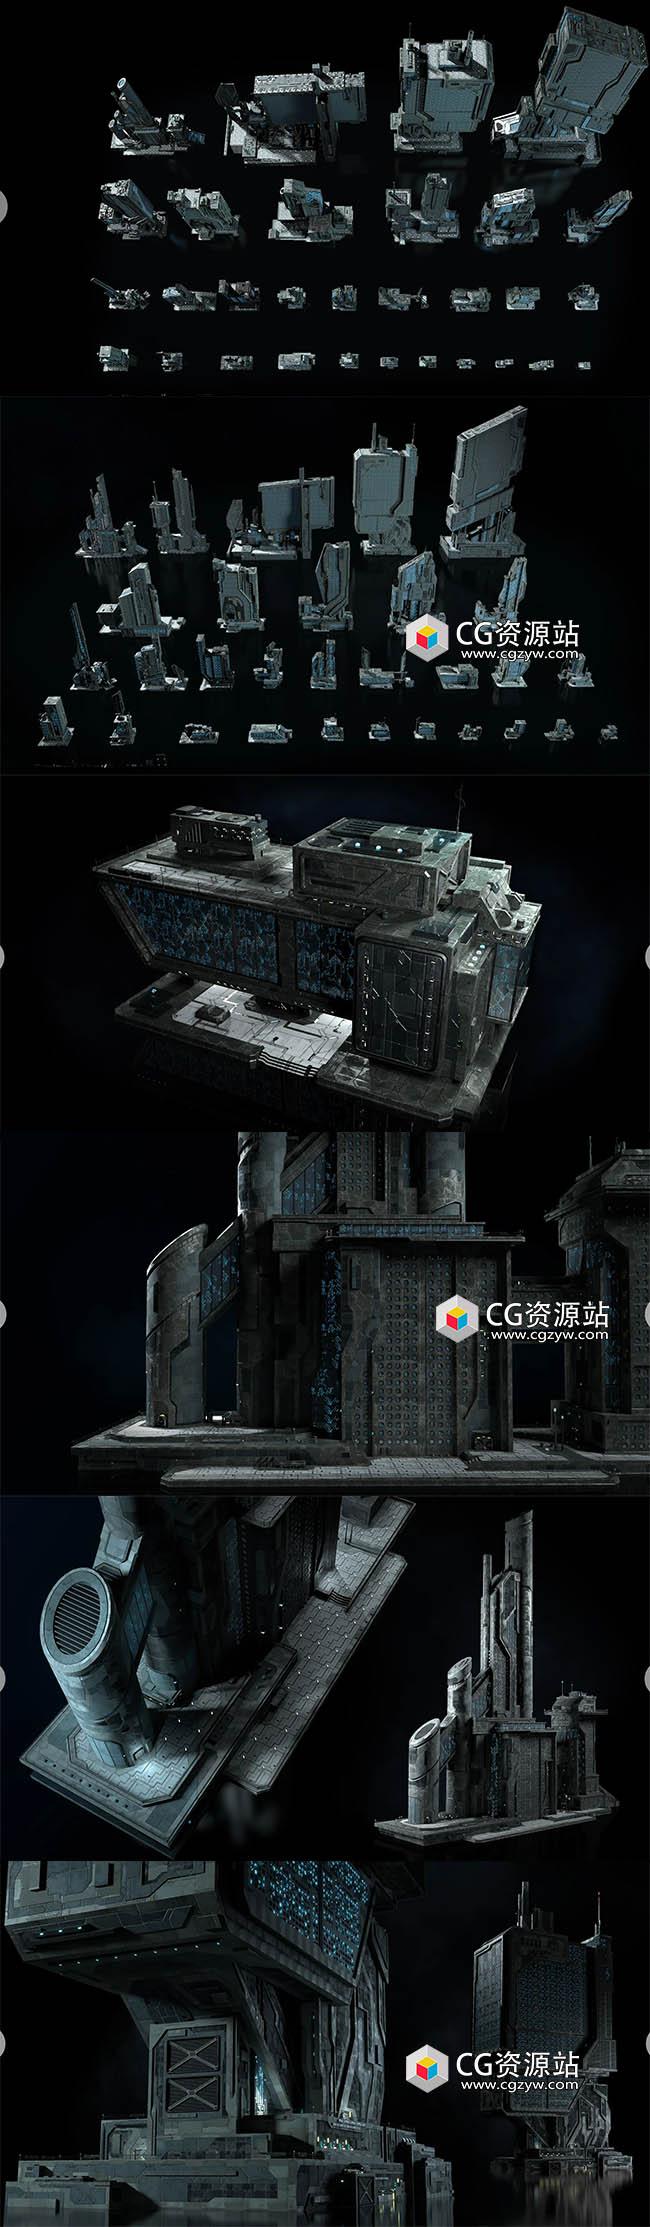 未来科幻楼房建筑3D模型OBJ/FBX/MAX格式